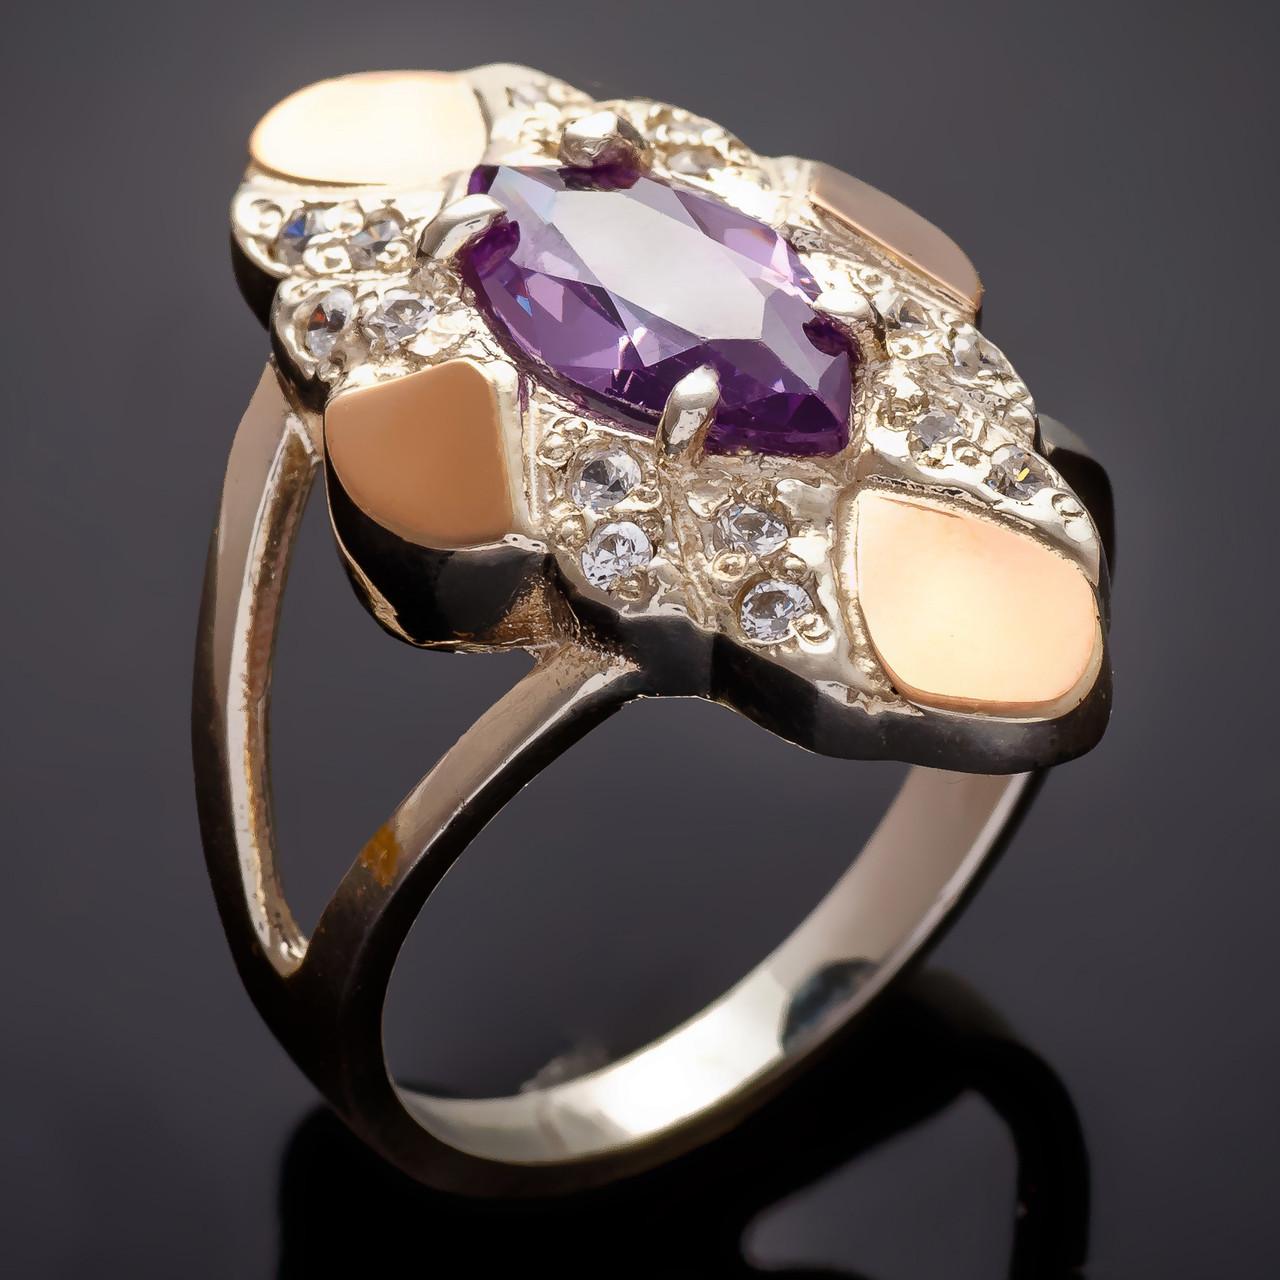 Серебряное кольцо с золотыми вставками Маркиз